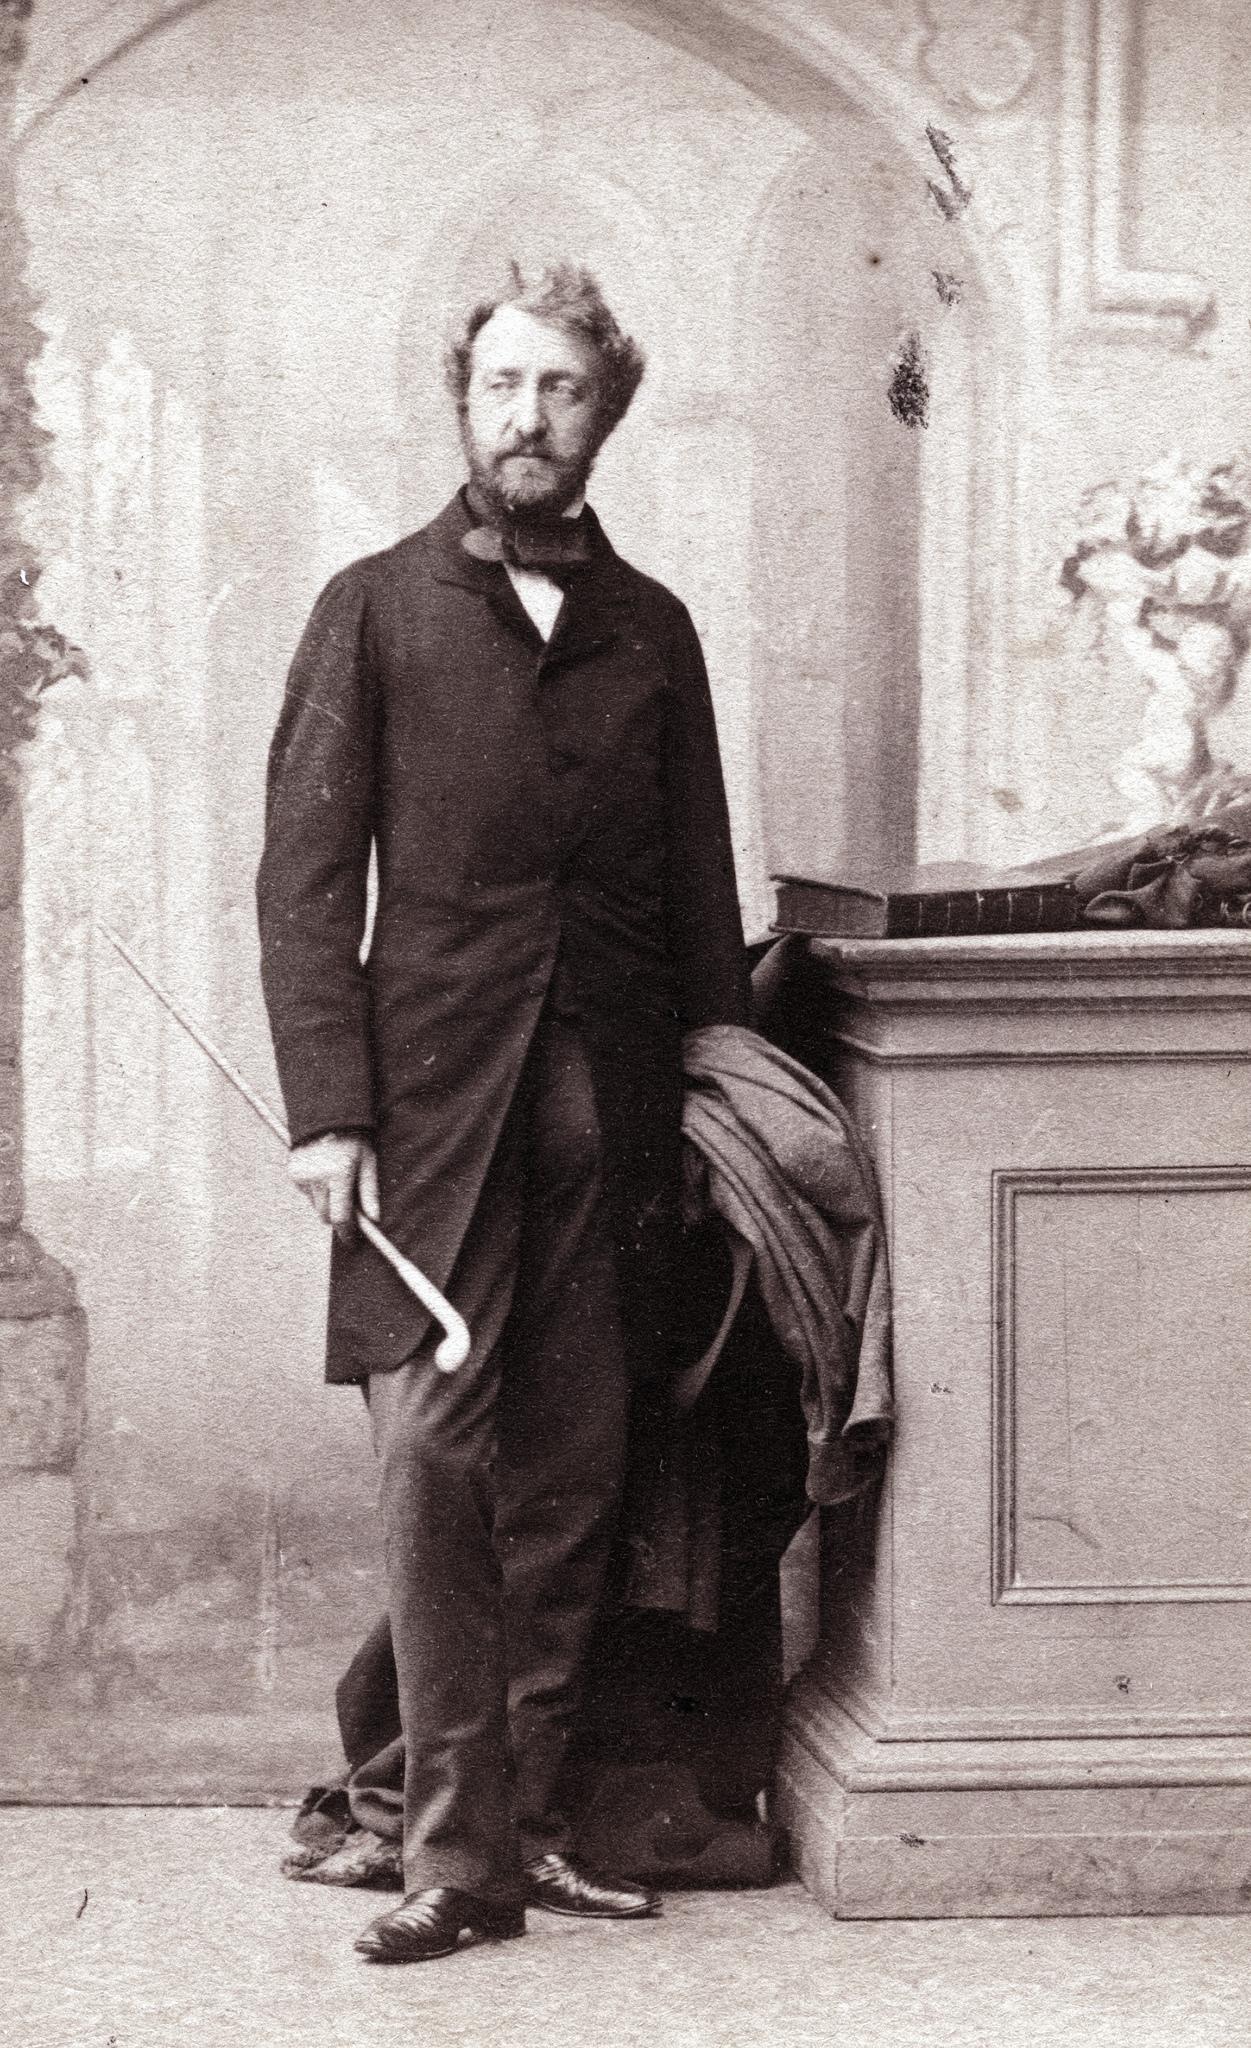 1865. Луи Орлеанский, герцог Немурский